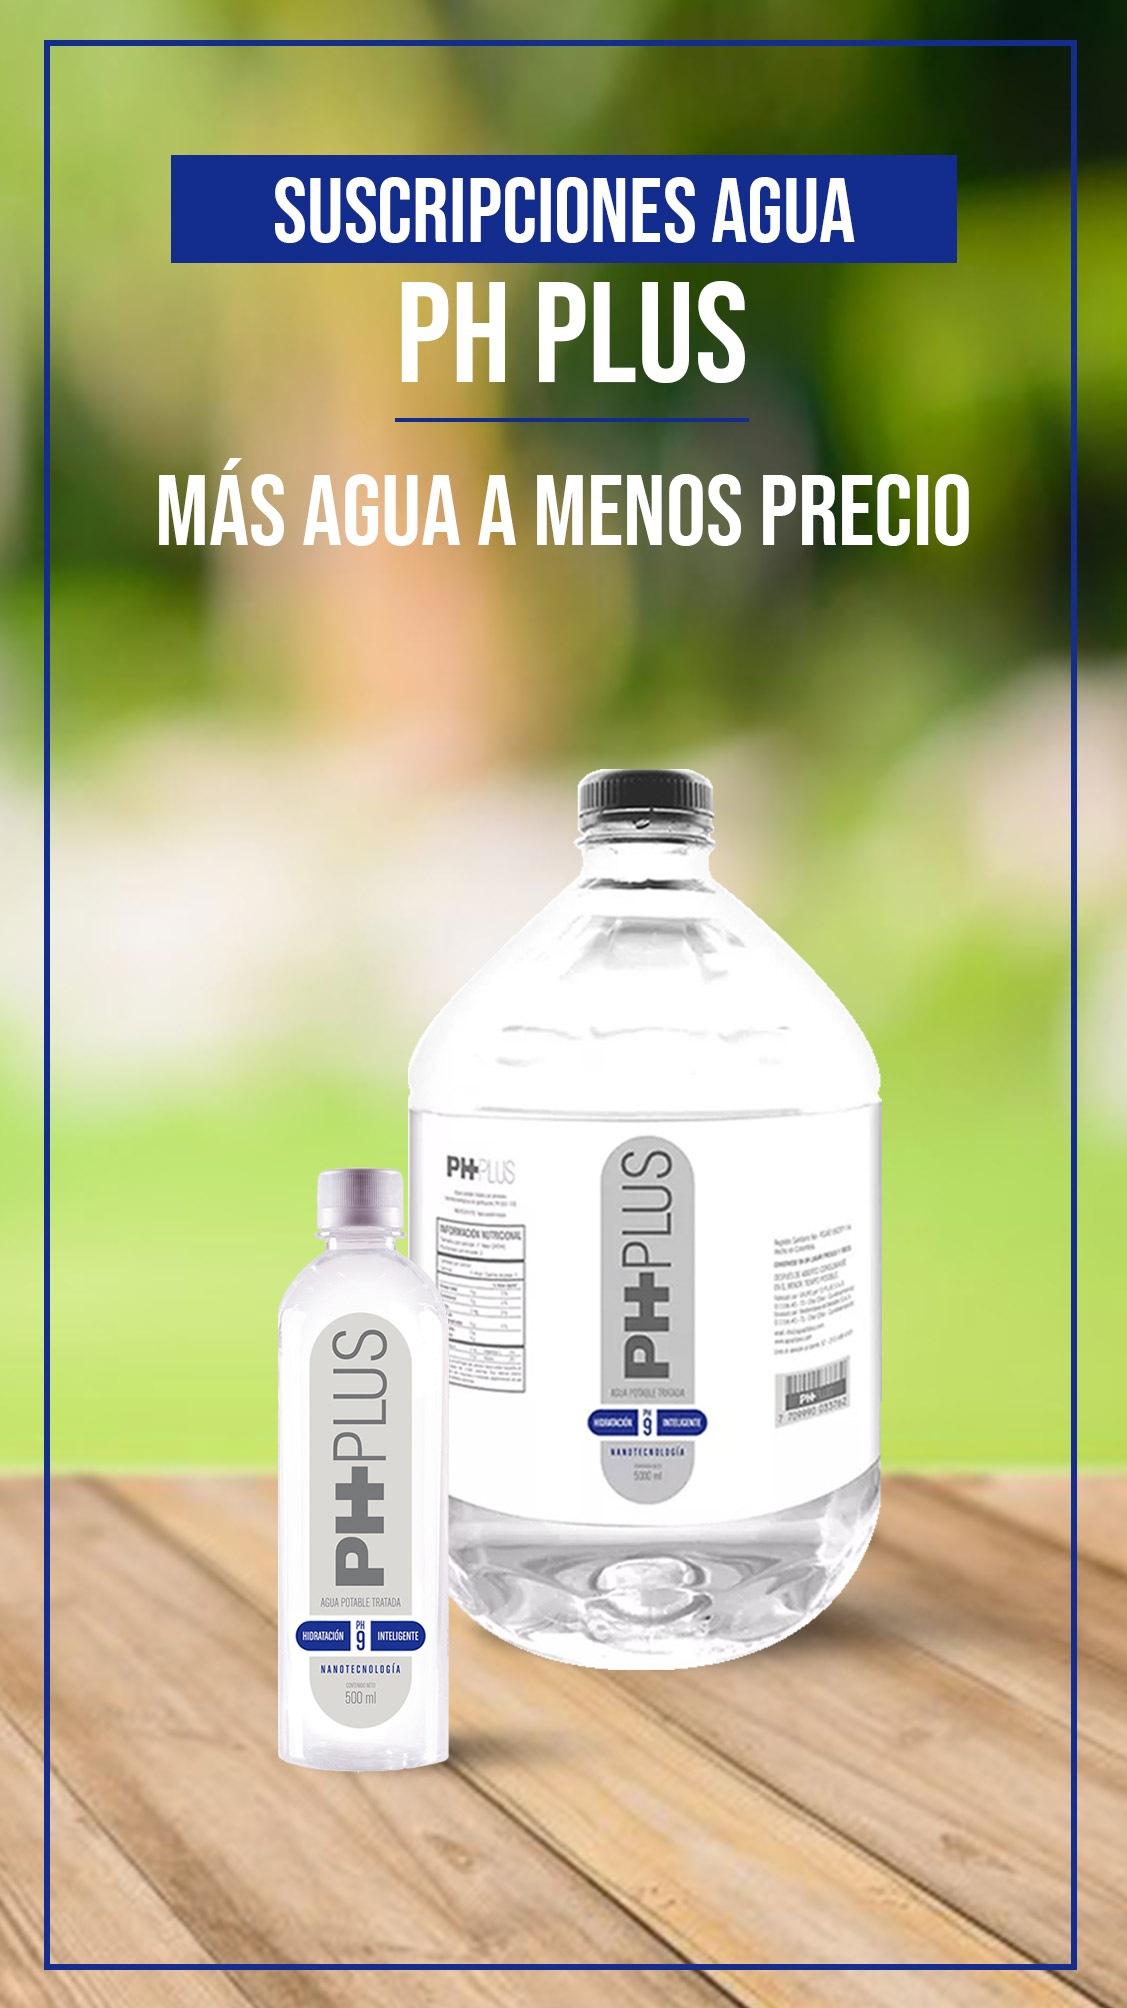 Suscripciones PH PLUS la mejor agua alcalina embotellada al mejor precio